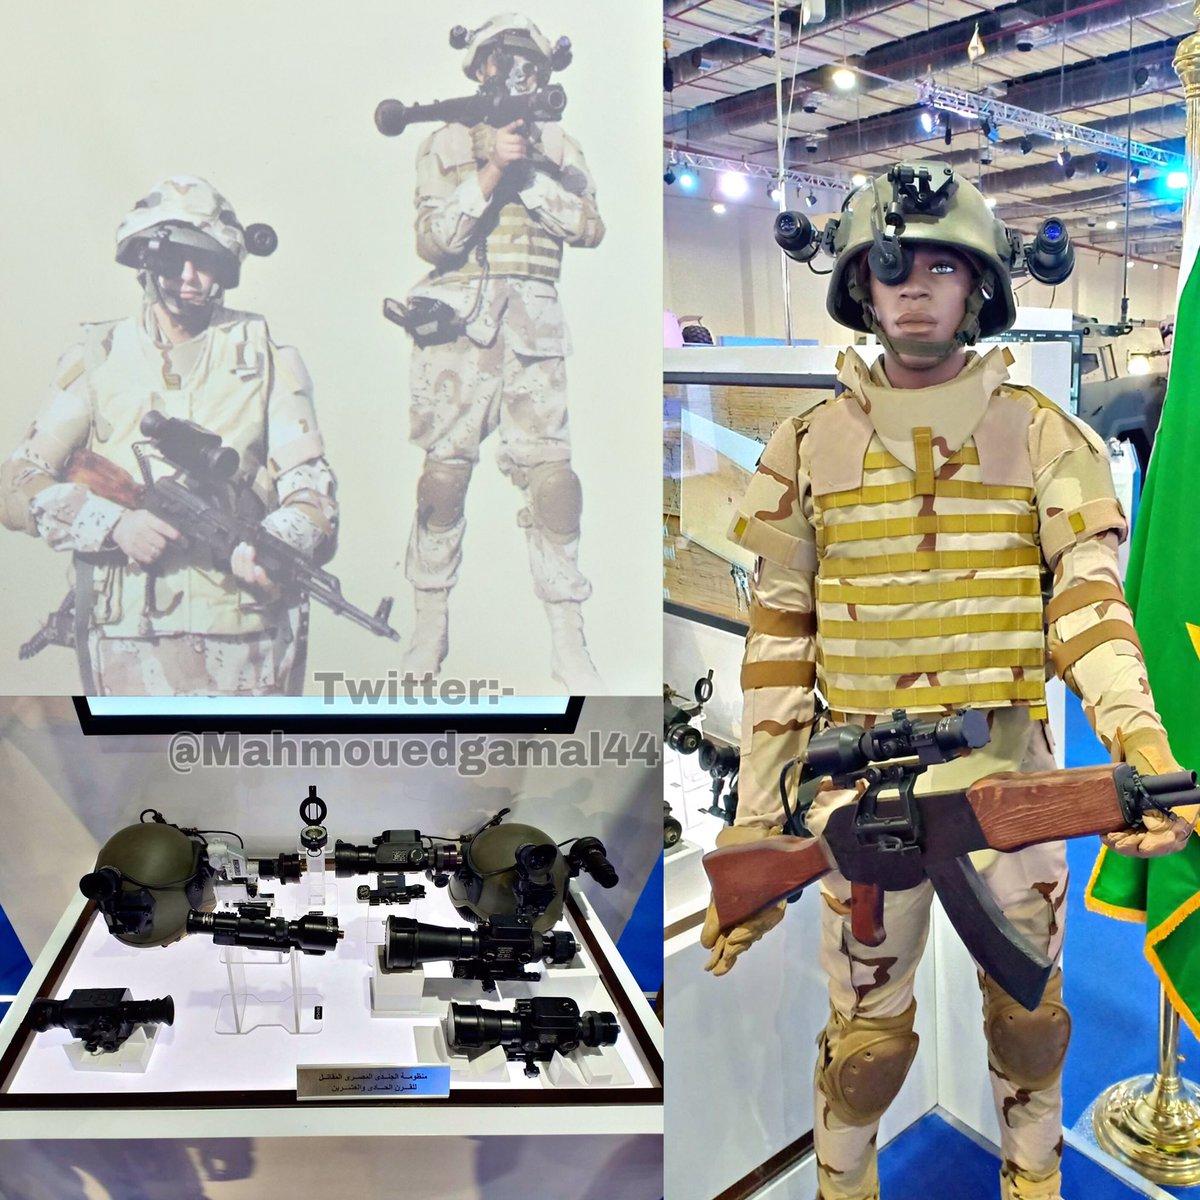 القوات الخاصه المصريه ستتسلم قريبا منظومة الجندي المصري EISS D5lRayAXsAE_Fj5